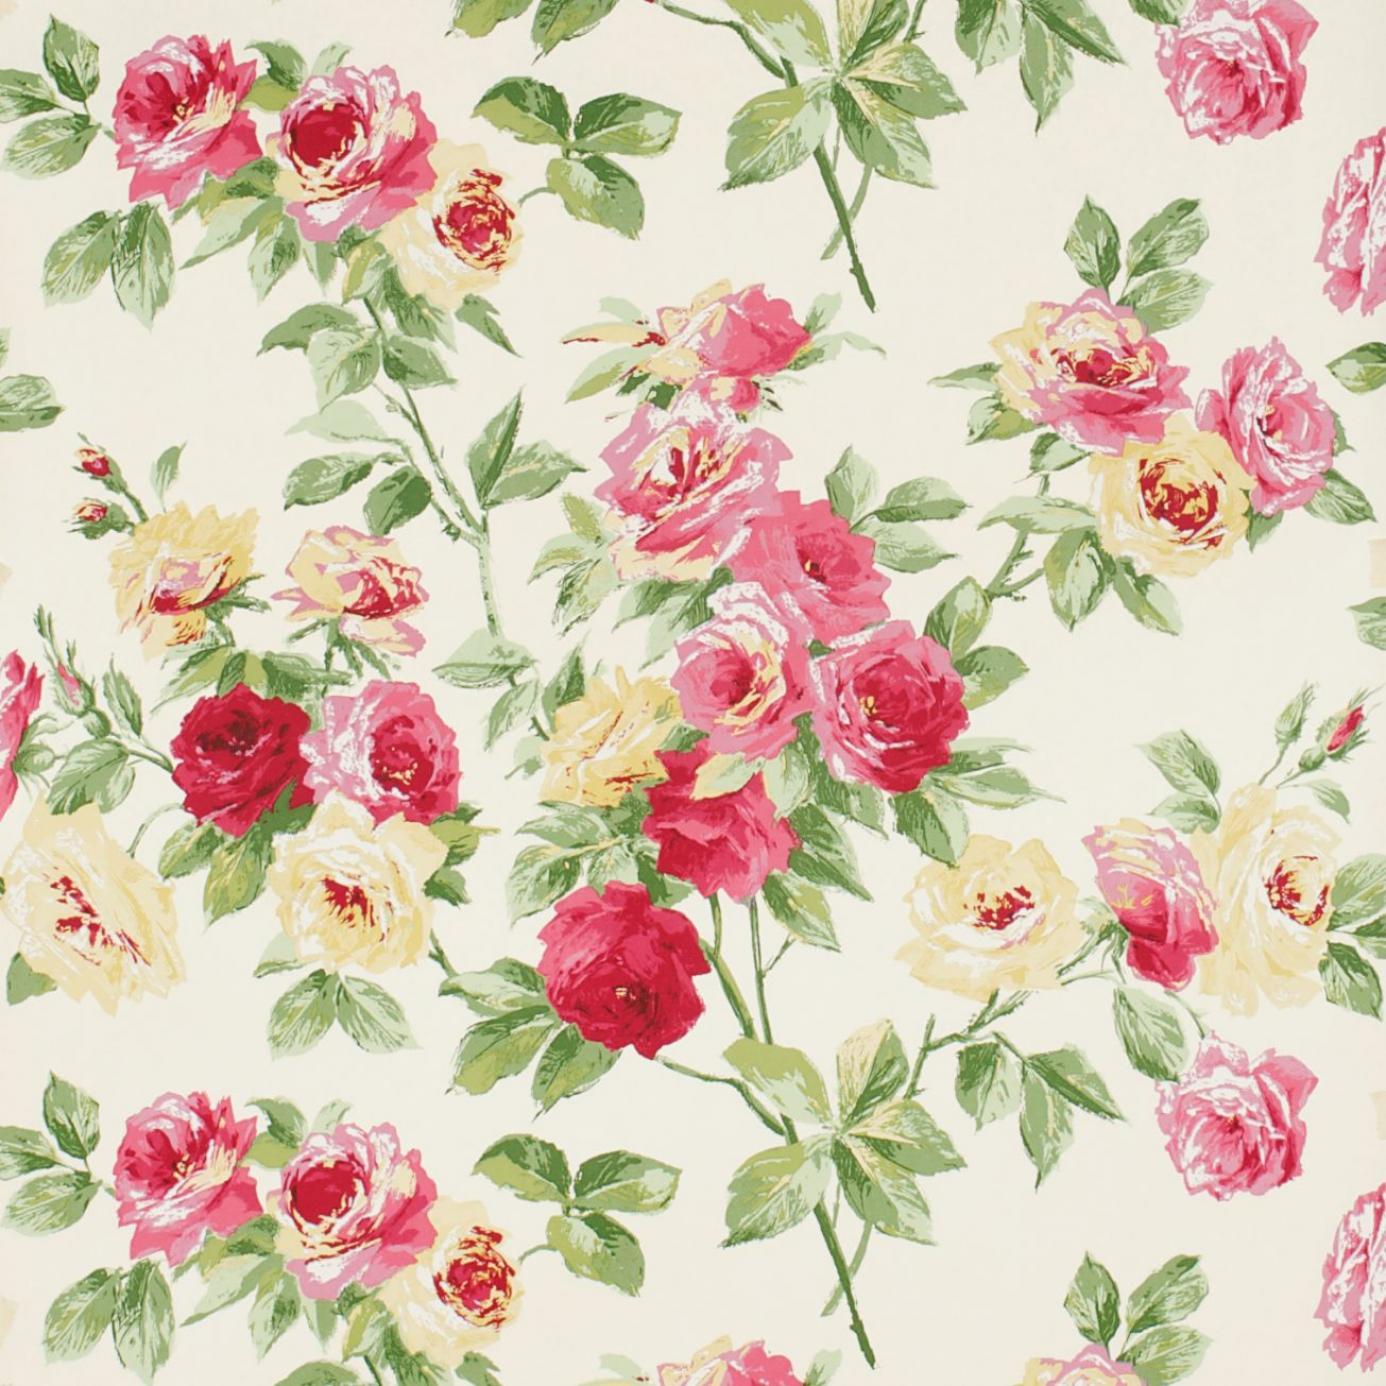 Фоны роз для скрапбукинга 7 фотография